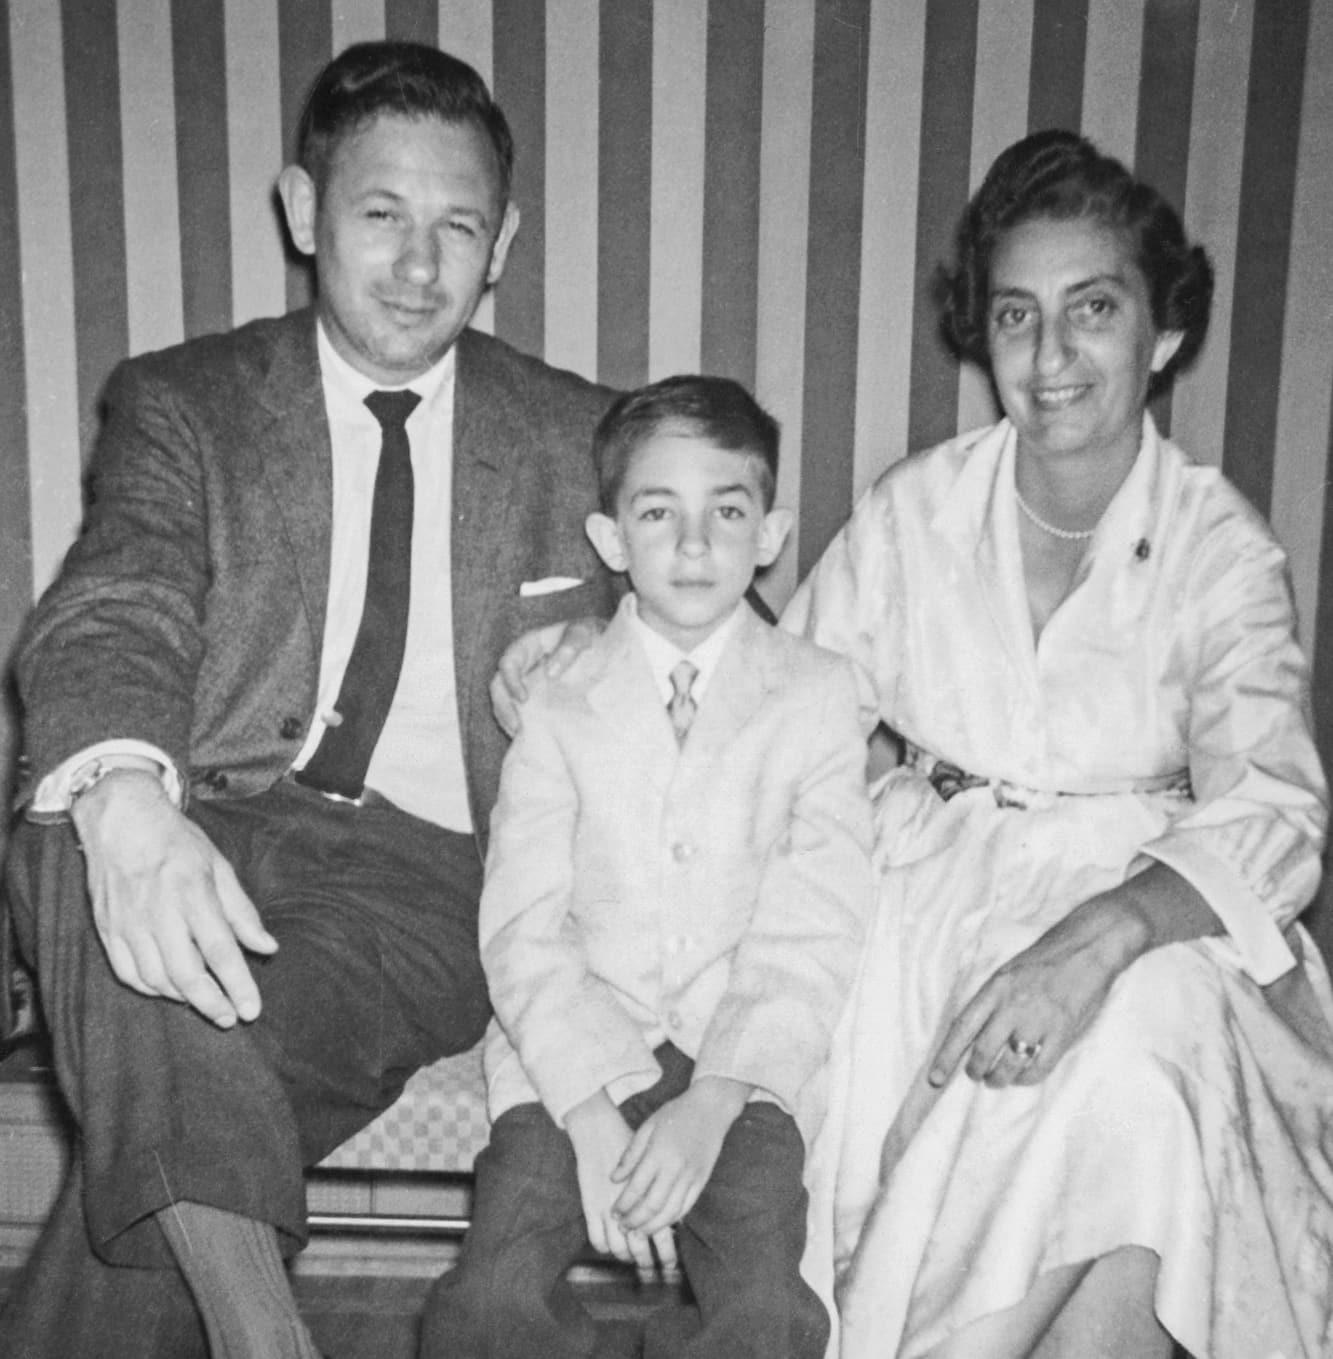 בארי זוננפלד, במרכז, עם אביו ואמו (צילום: אלבום המשפחתי של בארי זוננפלד)